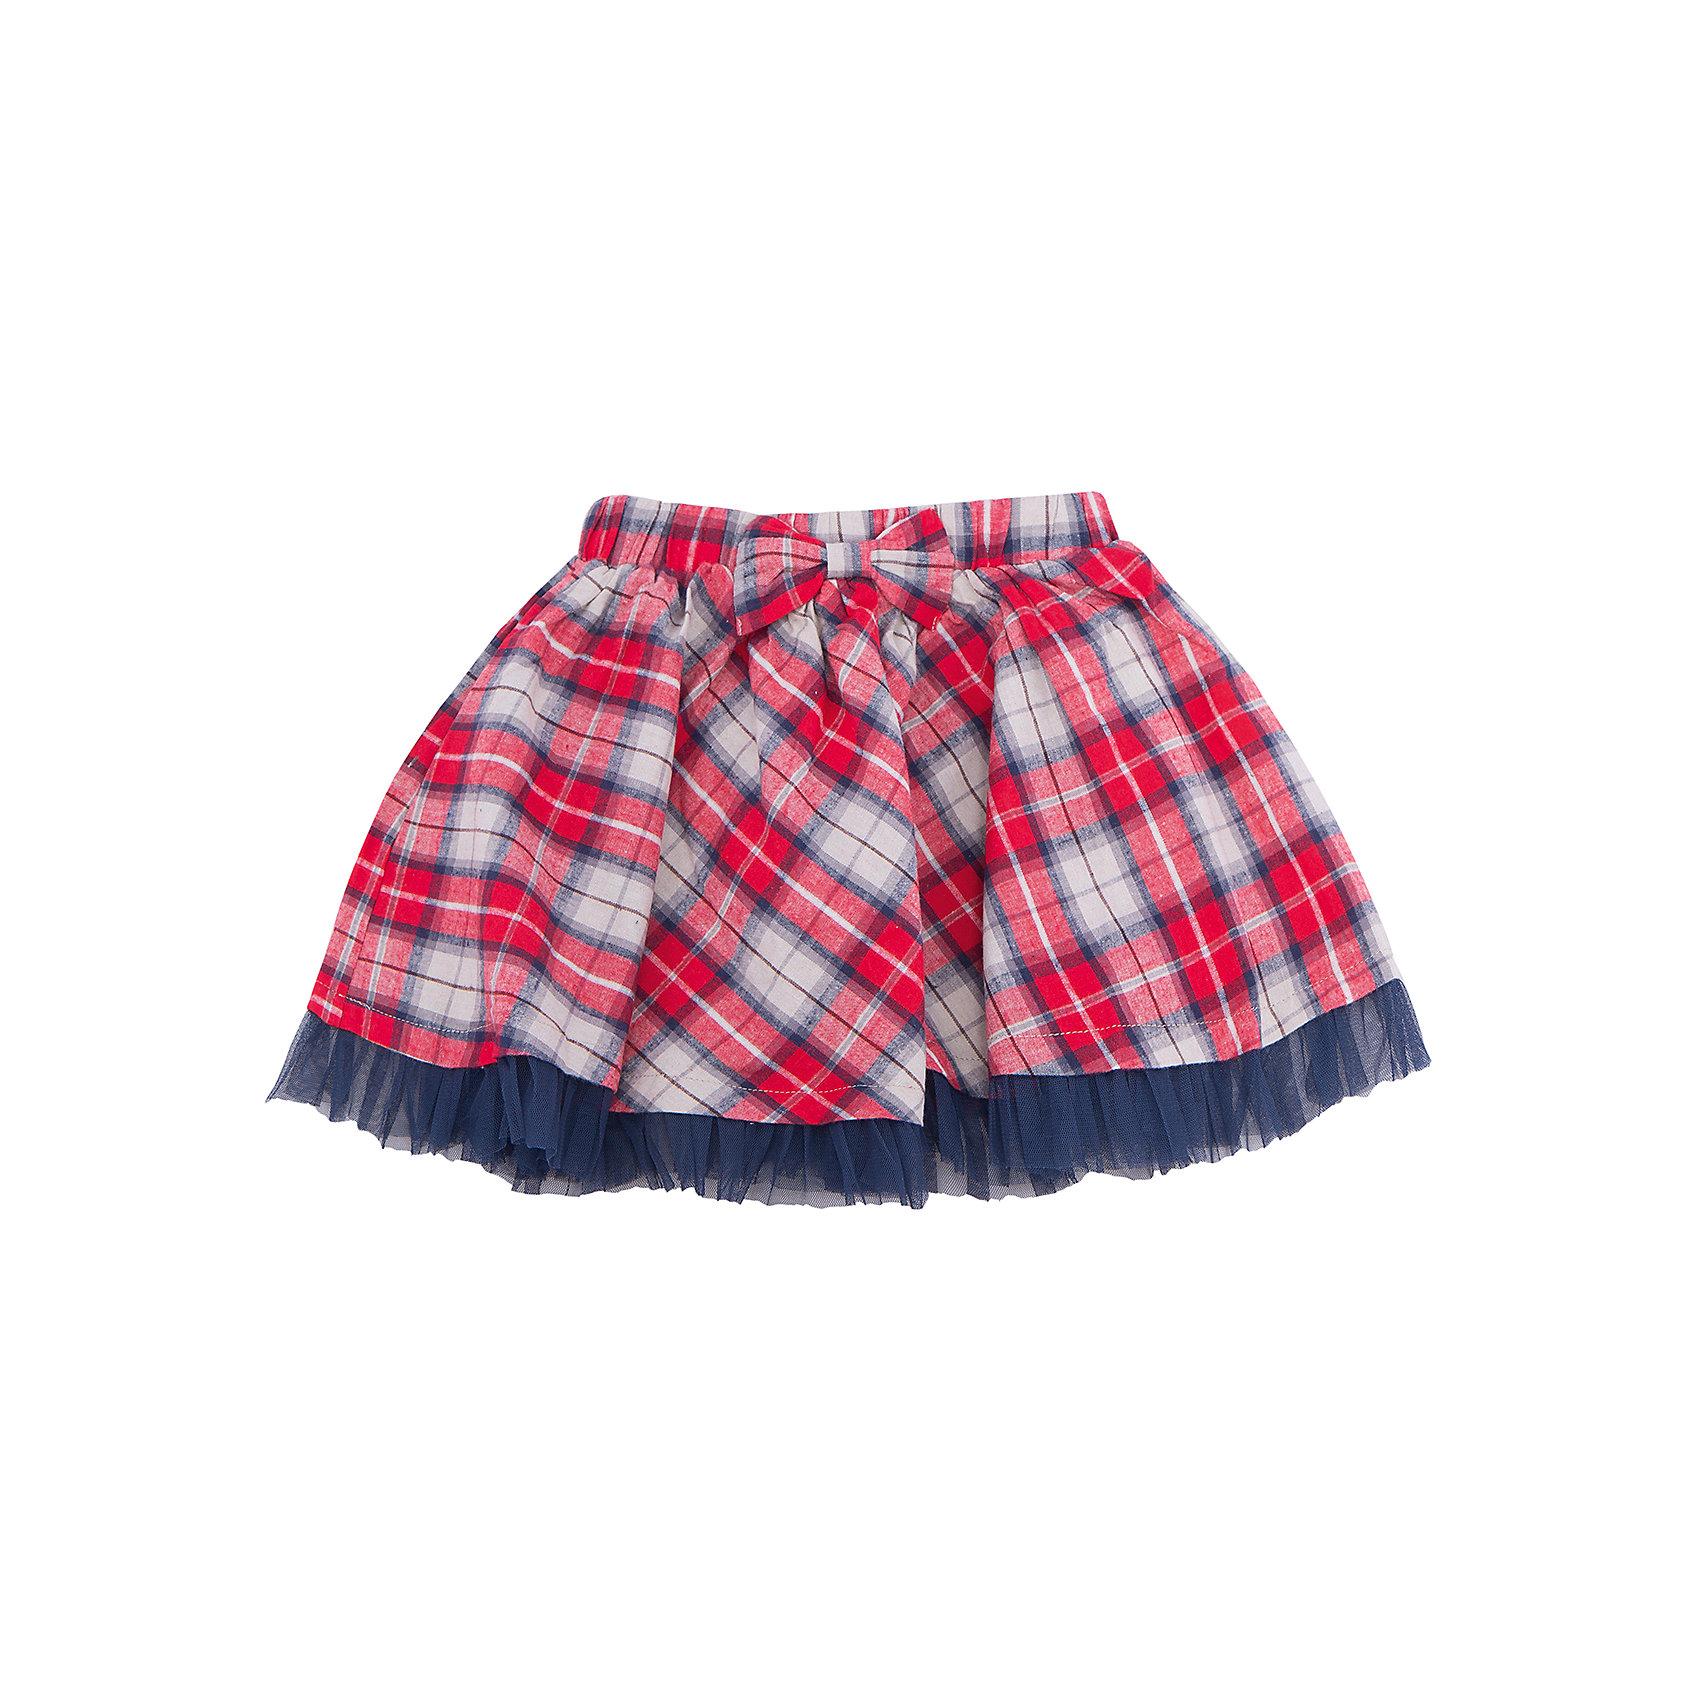 Юбка для девочки Sweet BerryЭта юбка отличается модным дизайном с нижней юбкой из сетки.. Удачный крой обеспечит ребенку комфорт и тепло. Плотный материал делает вещь идеальной для разной погоды. Она хорошо прилегает к телу там, где нужно, и отлично сидит на ребенке. Натуральный хлопок обеспечит коже возможность дышать и не вызовет аллергии. На поясе юбки - симпатичный бант.<br>Одежда от бренда Sweet Berry - это простой и выгодный способ одеть ребенка удобно и стильно. Всё изделия тщательно проработаны: швы - прочные, материал - качественный, фурнитура - подобранная специально для детей.<br><br>Дополнительная информация:<br><br>цвет: клетка;<br>состав: верх - 100% хлопок, низ - 100% полиэстер;<br>на поясе - бант.<br><br>Юбку для девочки от бренда Sweet Berry можно купить в нашем интернет-магазине.<br><br>Ширина мм: 207<br>Глубина мм: 10<br>Высота мм: 189<br>Вес г: 183<br>Цвет: красный<br>Возраст от месяцев: 24<br>Возраст до месяцев: 36<br>Пол: Женский<br>Возраст: Детский<br>Размер: 110,116,98,104,122,128<br>SKU: 4931504